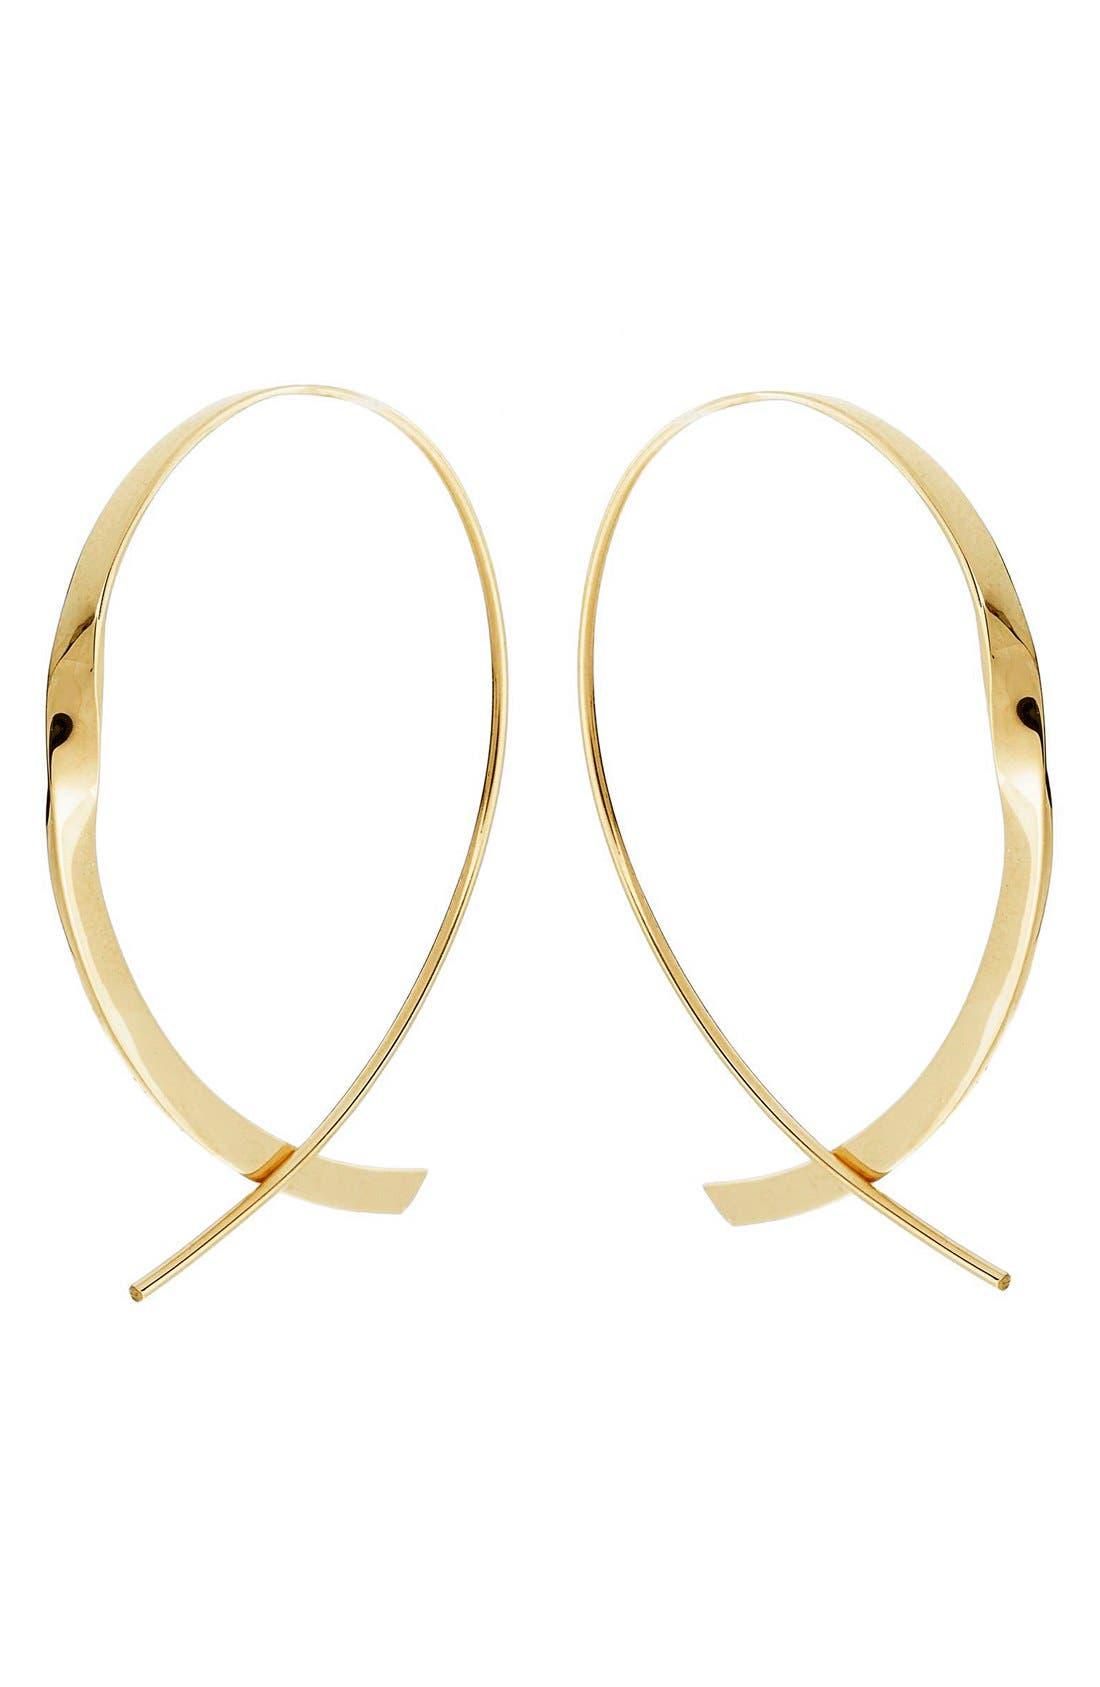 LANA JEWELRY 'Flat Upside Down ' Hoop Earrings